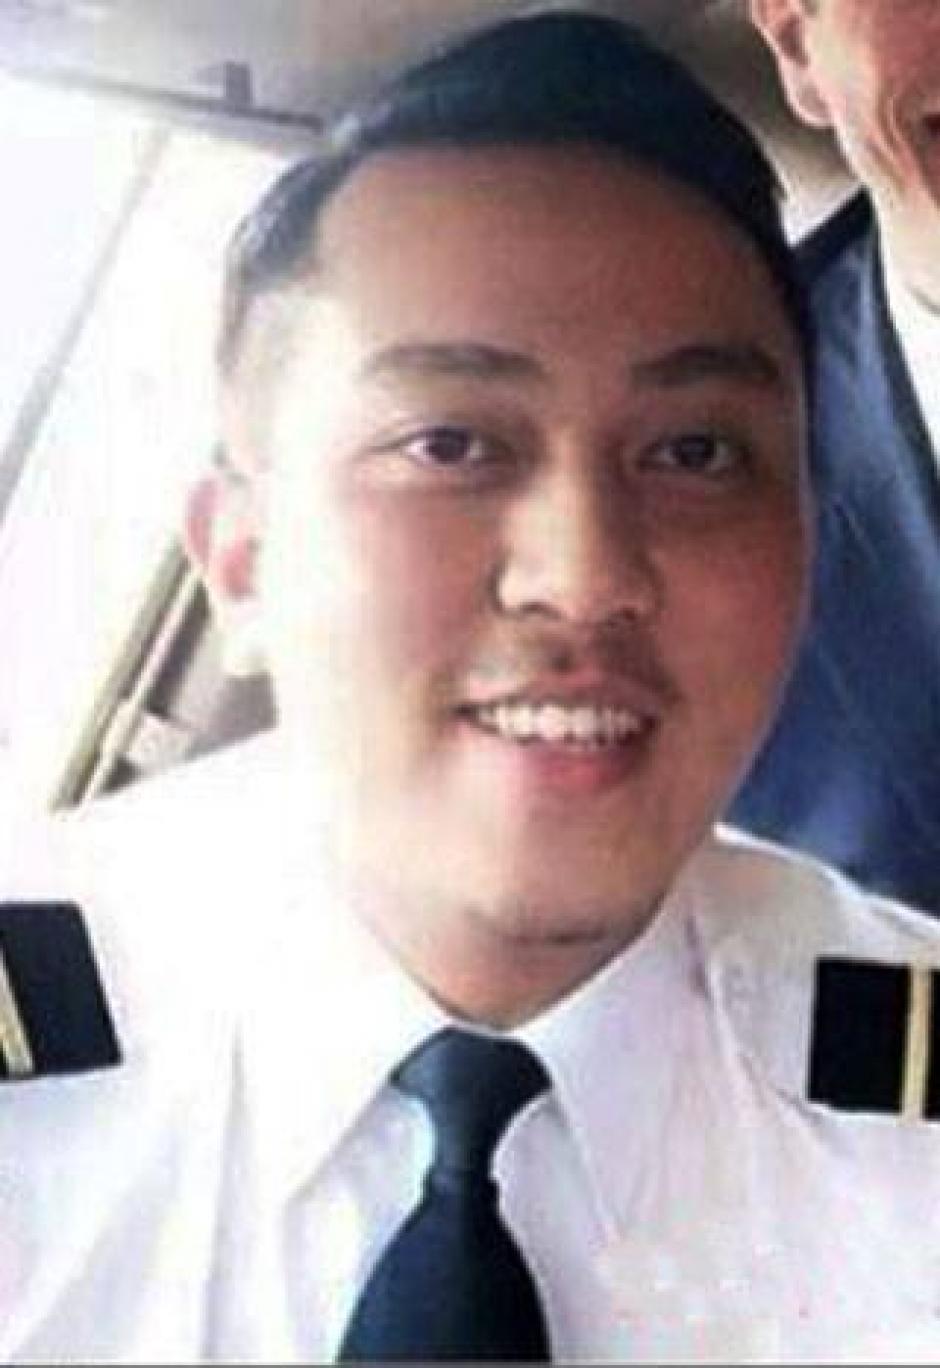 Fariq Ab Hamid era el copiloto del vuelo. Tenía 27 años y aunque al principio se le atribuyeron algunos actos irregulares dentro de los vuelos que realizaba, su familia afirmó que siempre fue una persona seria y responsable de su trabajo. (Foto: Fariq Ab Hamid/Facebook)